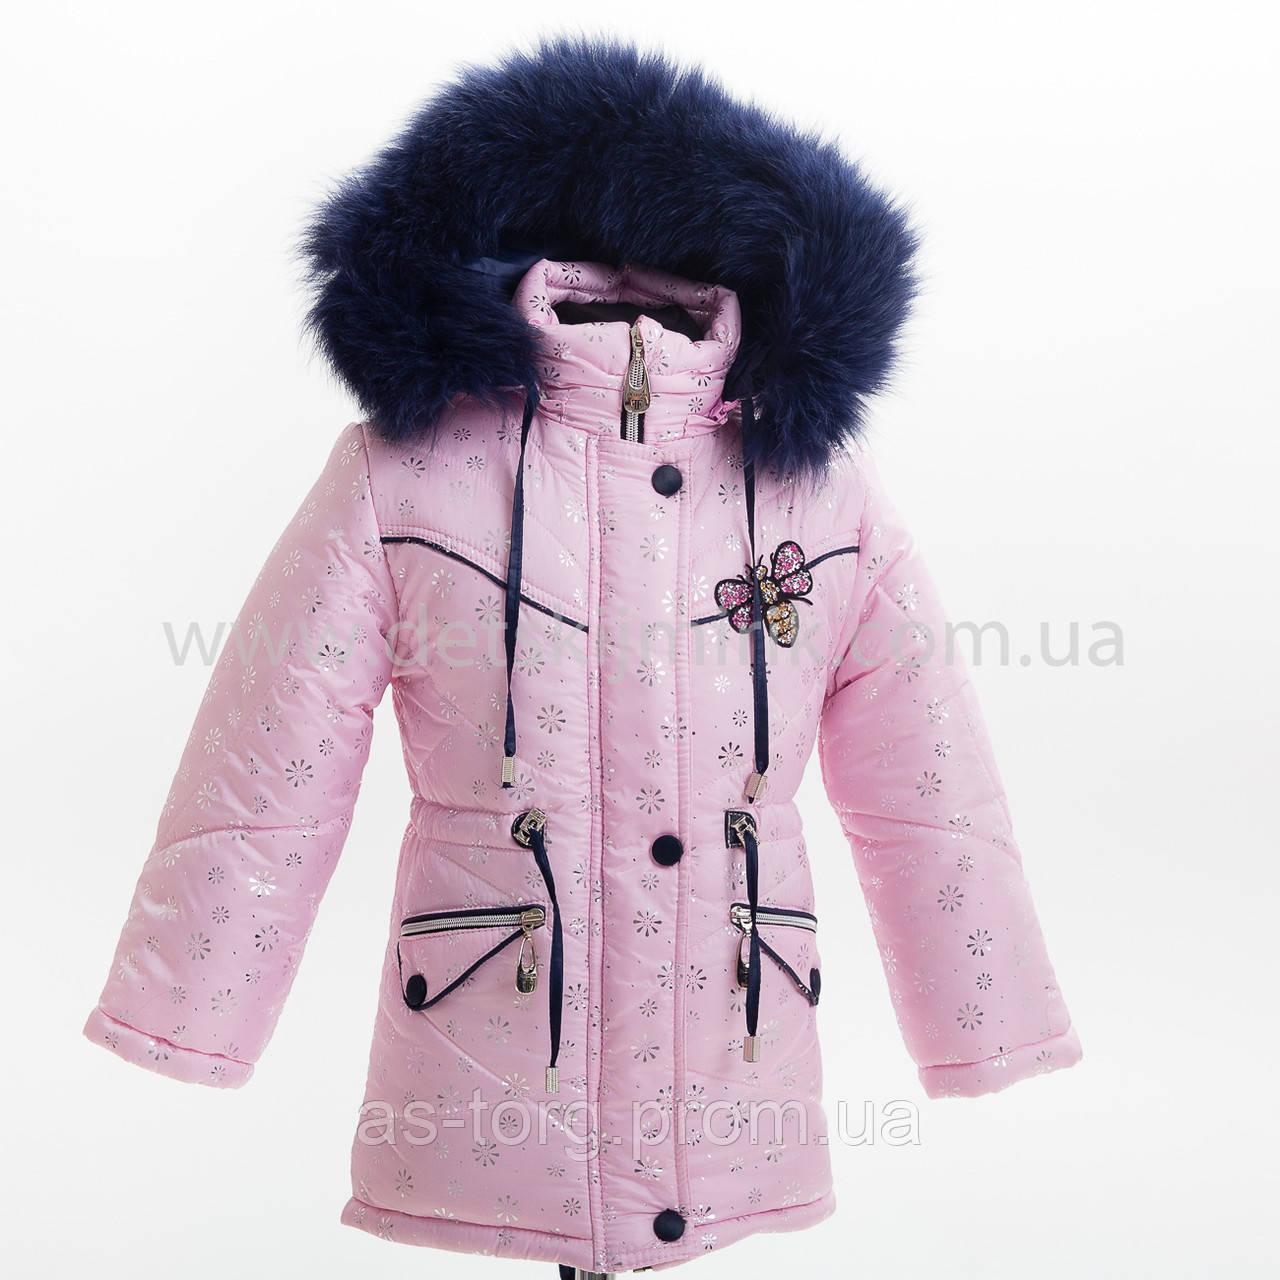 """Зимняя куртка для девочки """"Валерия"""""""